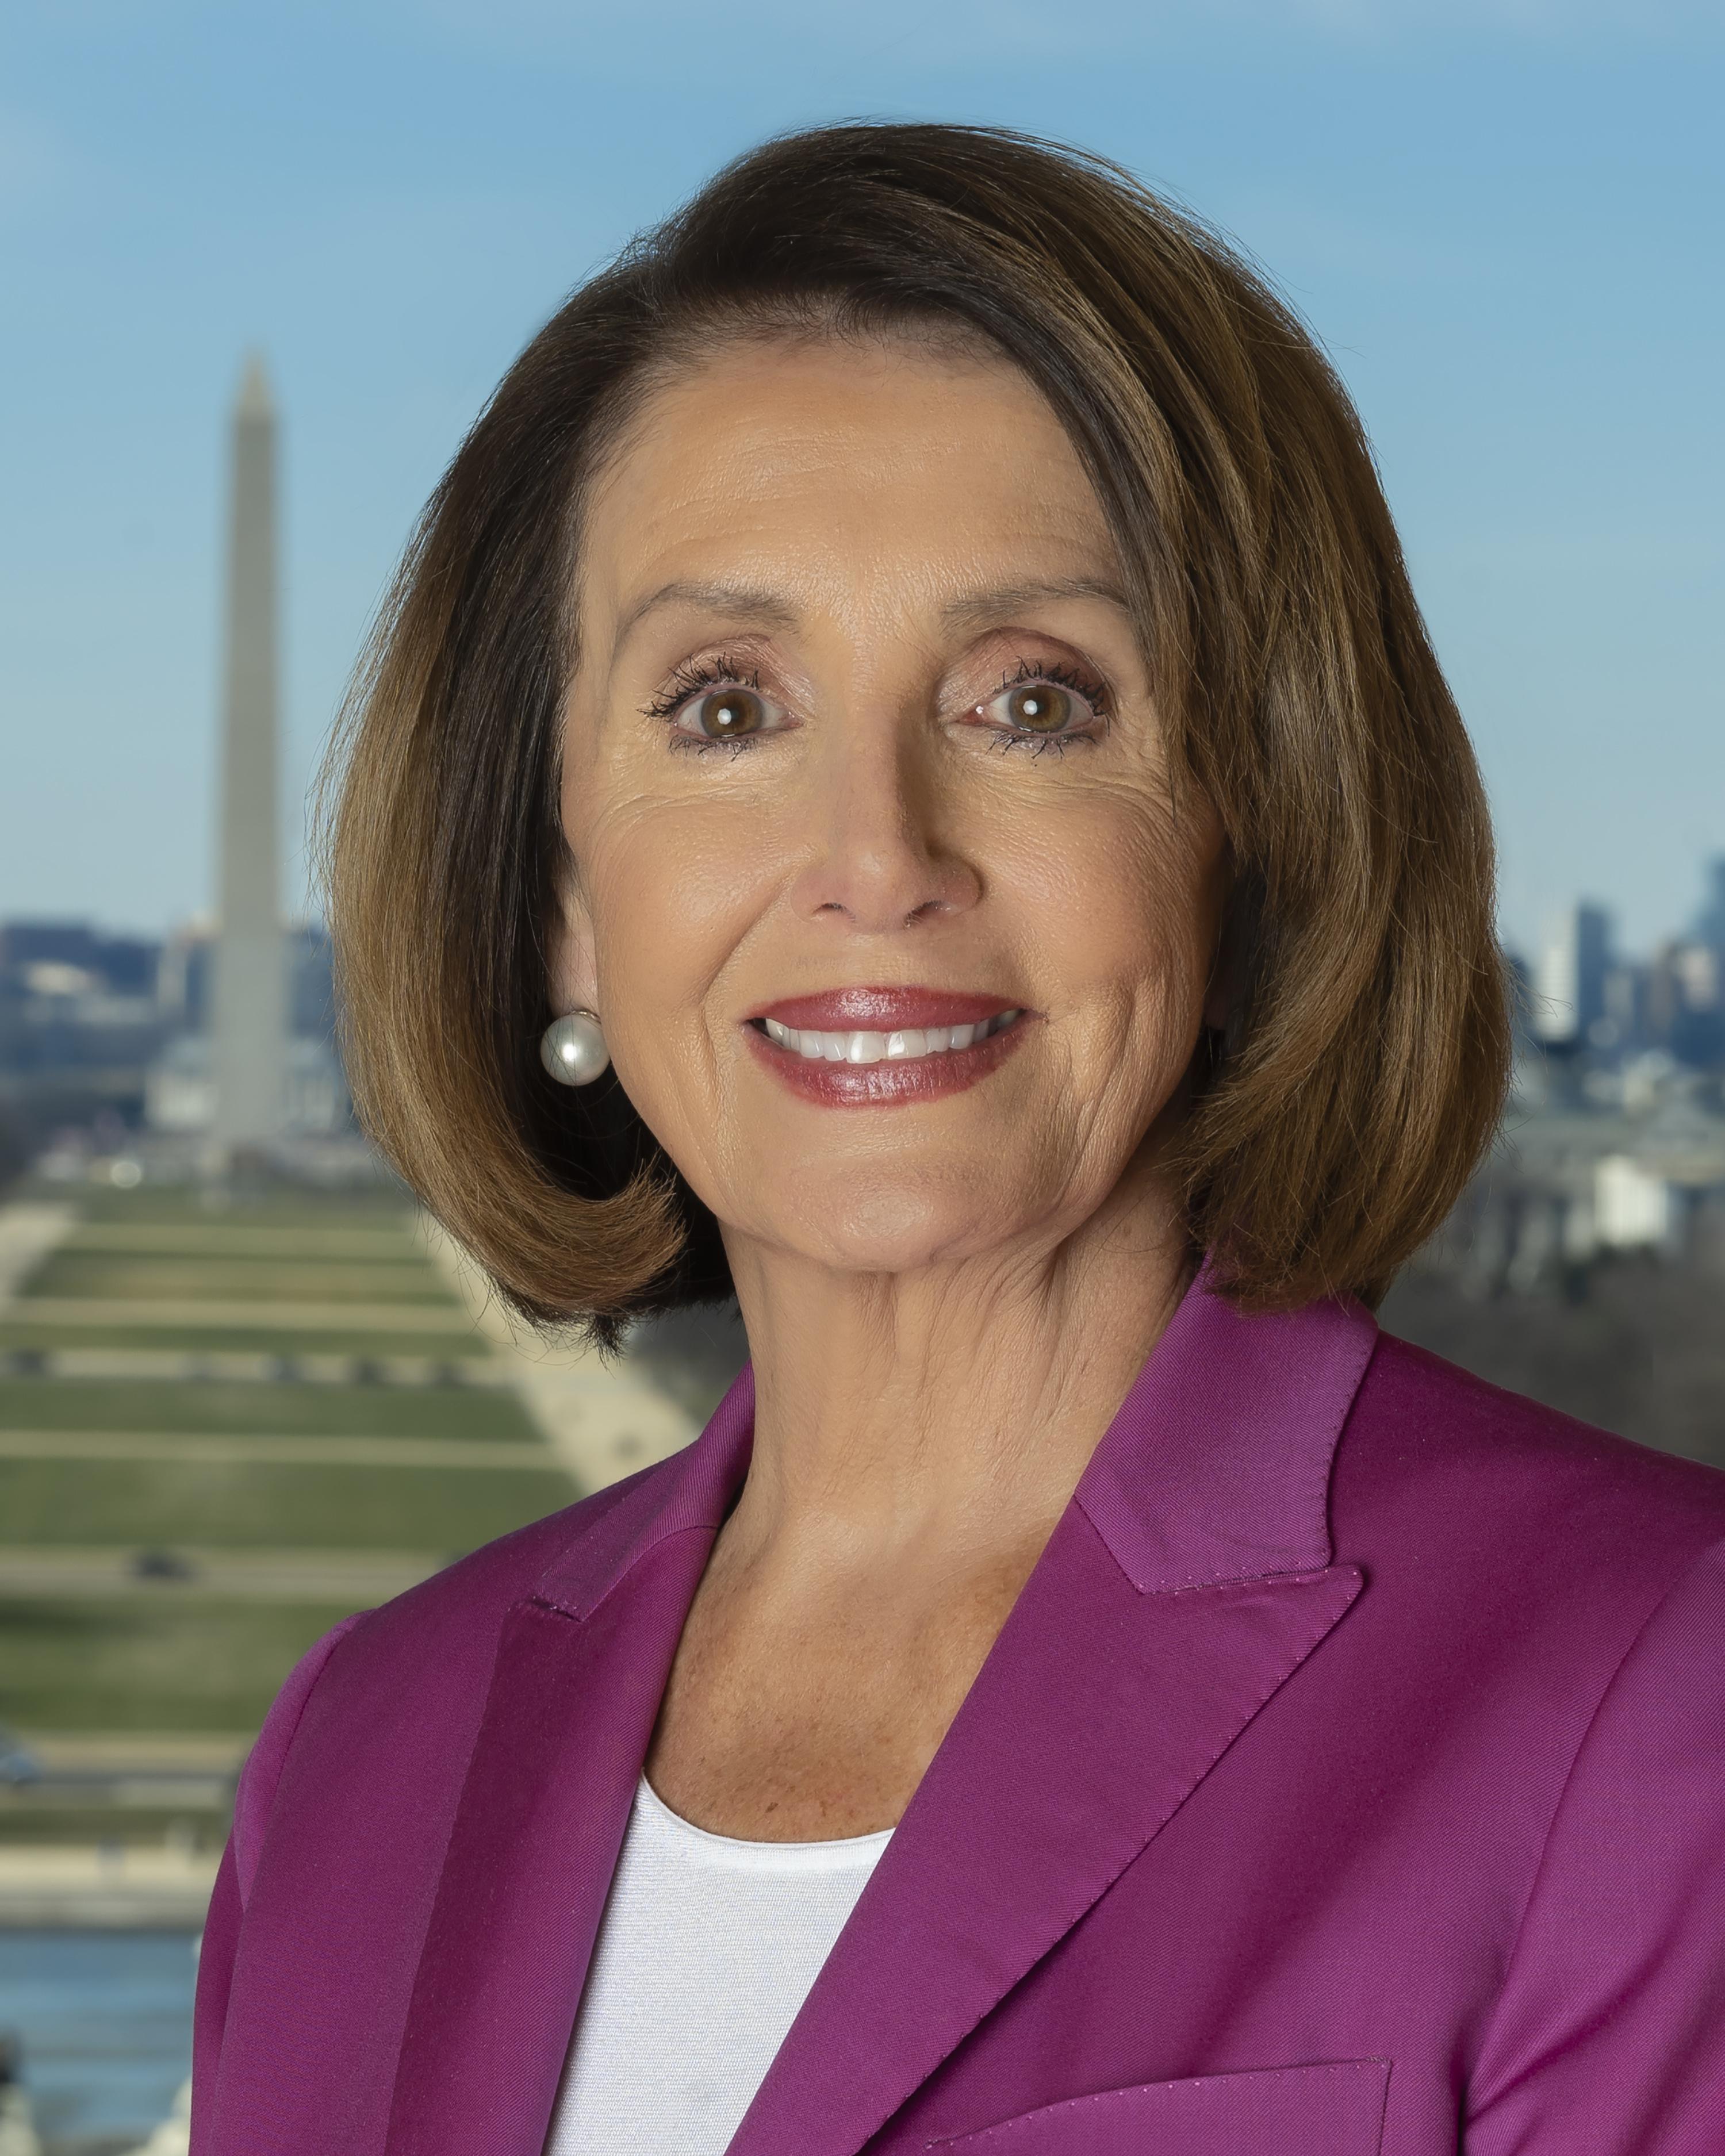 Veja o que saiu no Migalhas sobre Nancy Pelosi